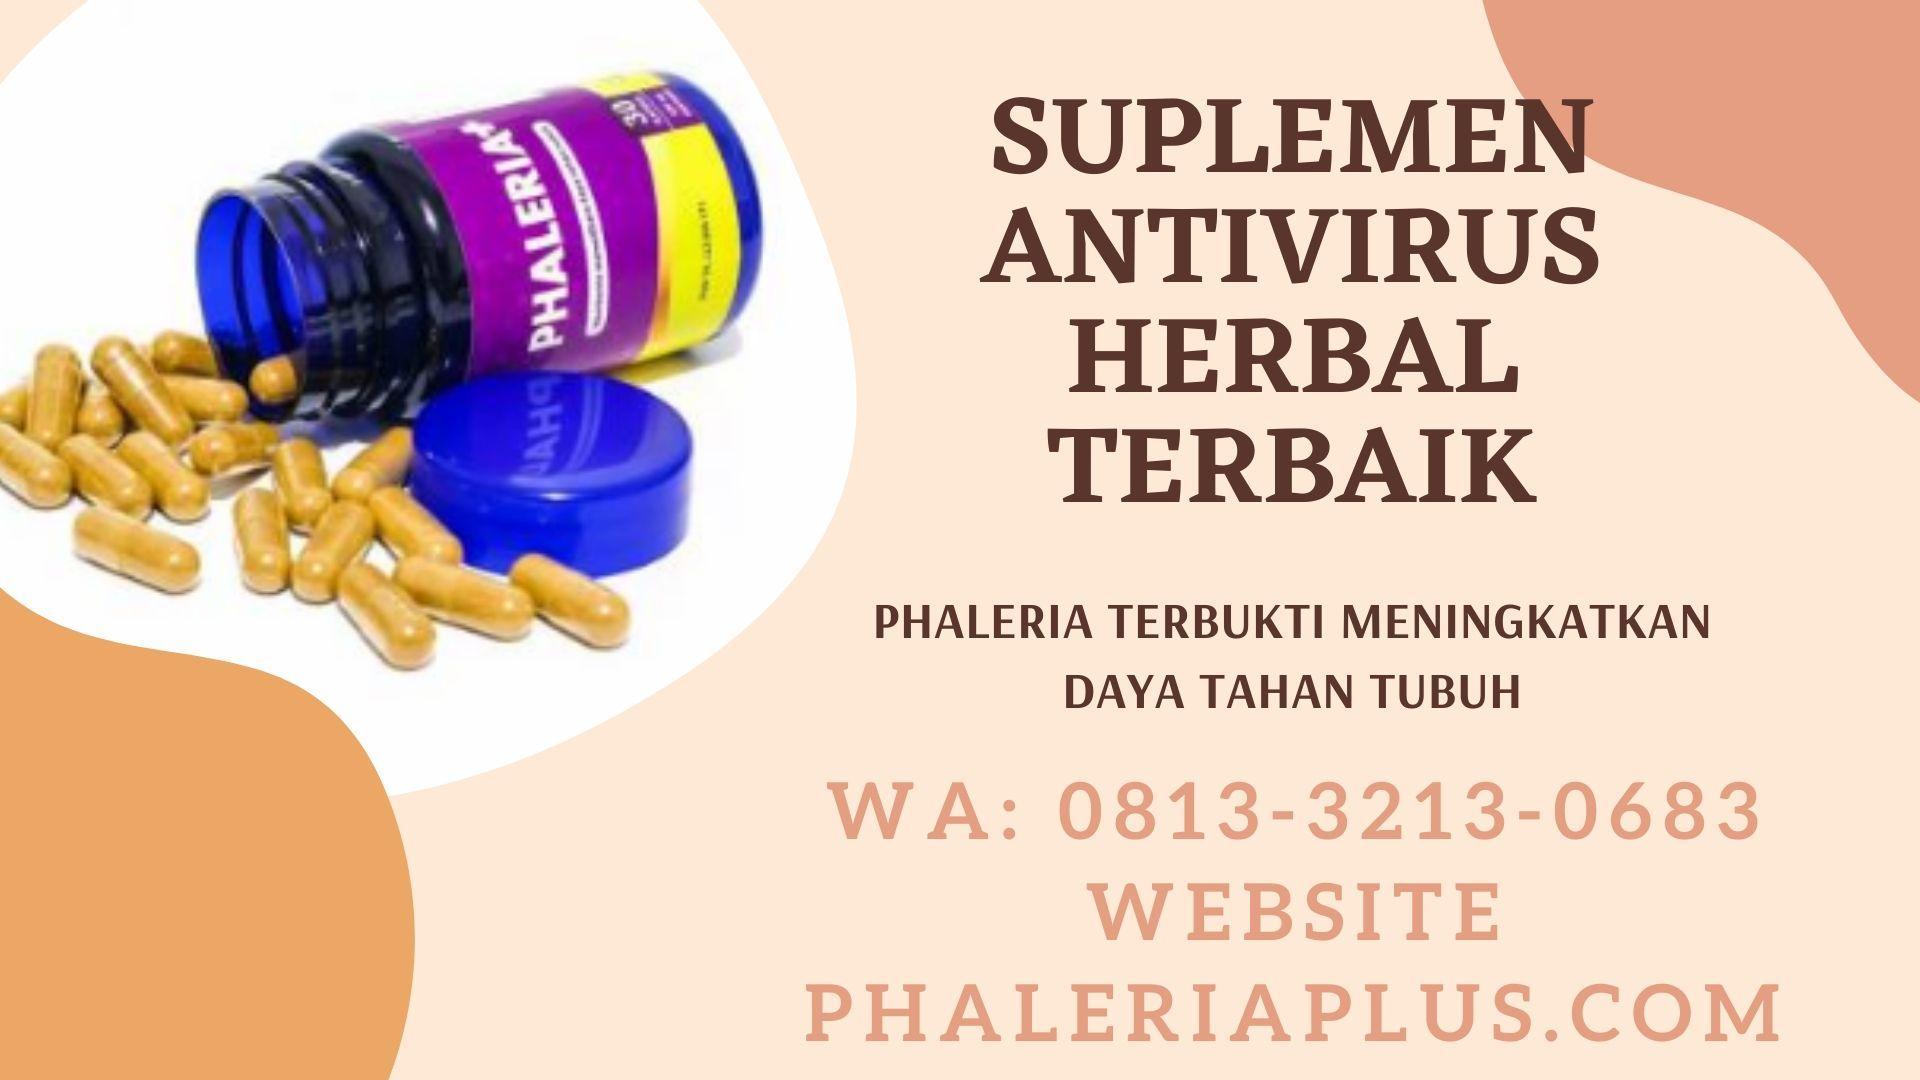 Suplemen Antivirus Herbal Terbaik Call 0813 3213 0683 Phaleria Meningkatkan Daya Tahan Tubuh Di 2020 Herbal Herbal Alami Website